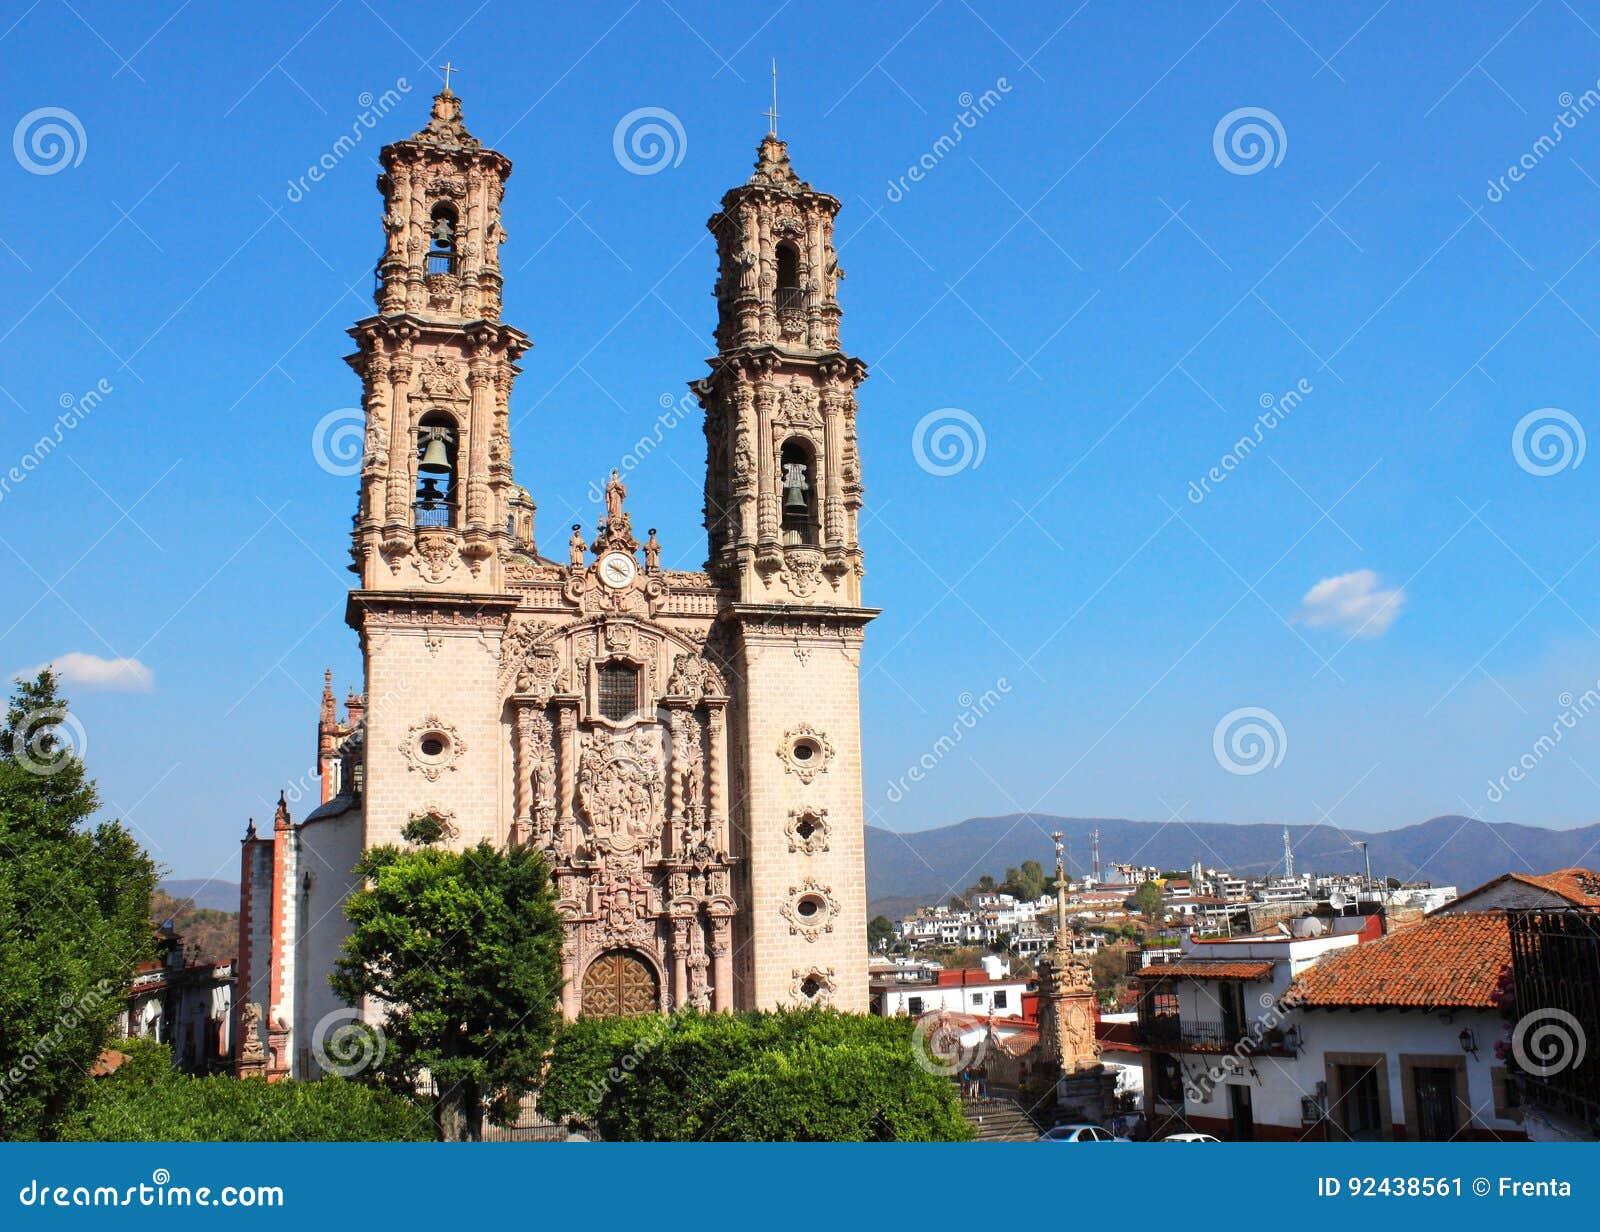 Facade of Santa Prisca Parish Church, Taxco de Alarcon city, Mex